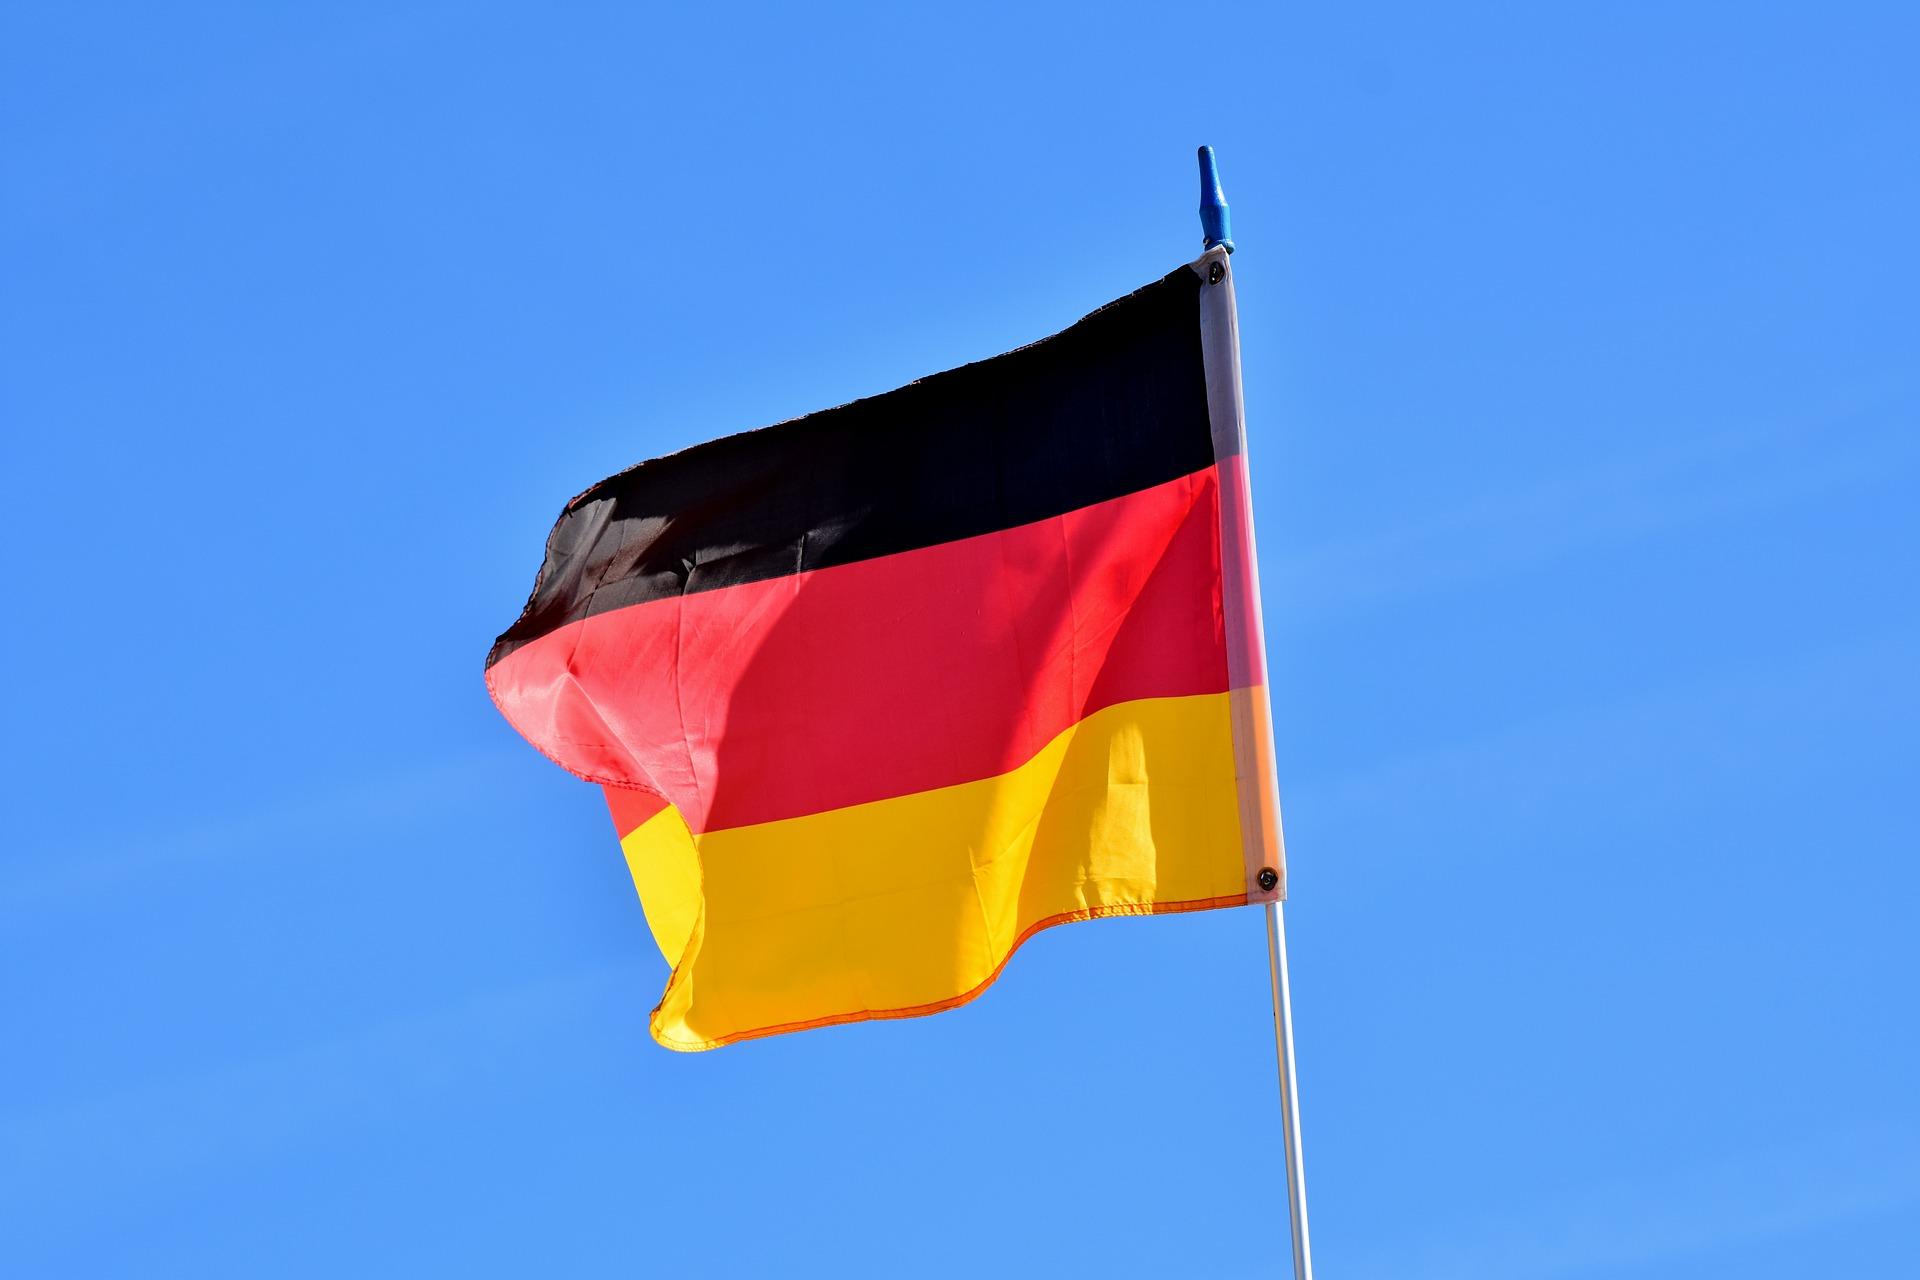 Для України важливим є розвиток торгового напряму співпраці з Німеччиною — Висоцький